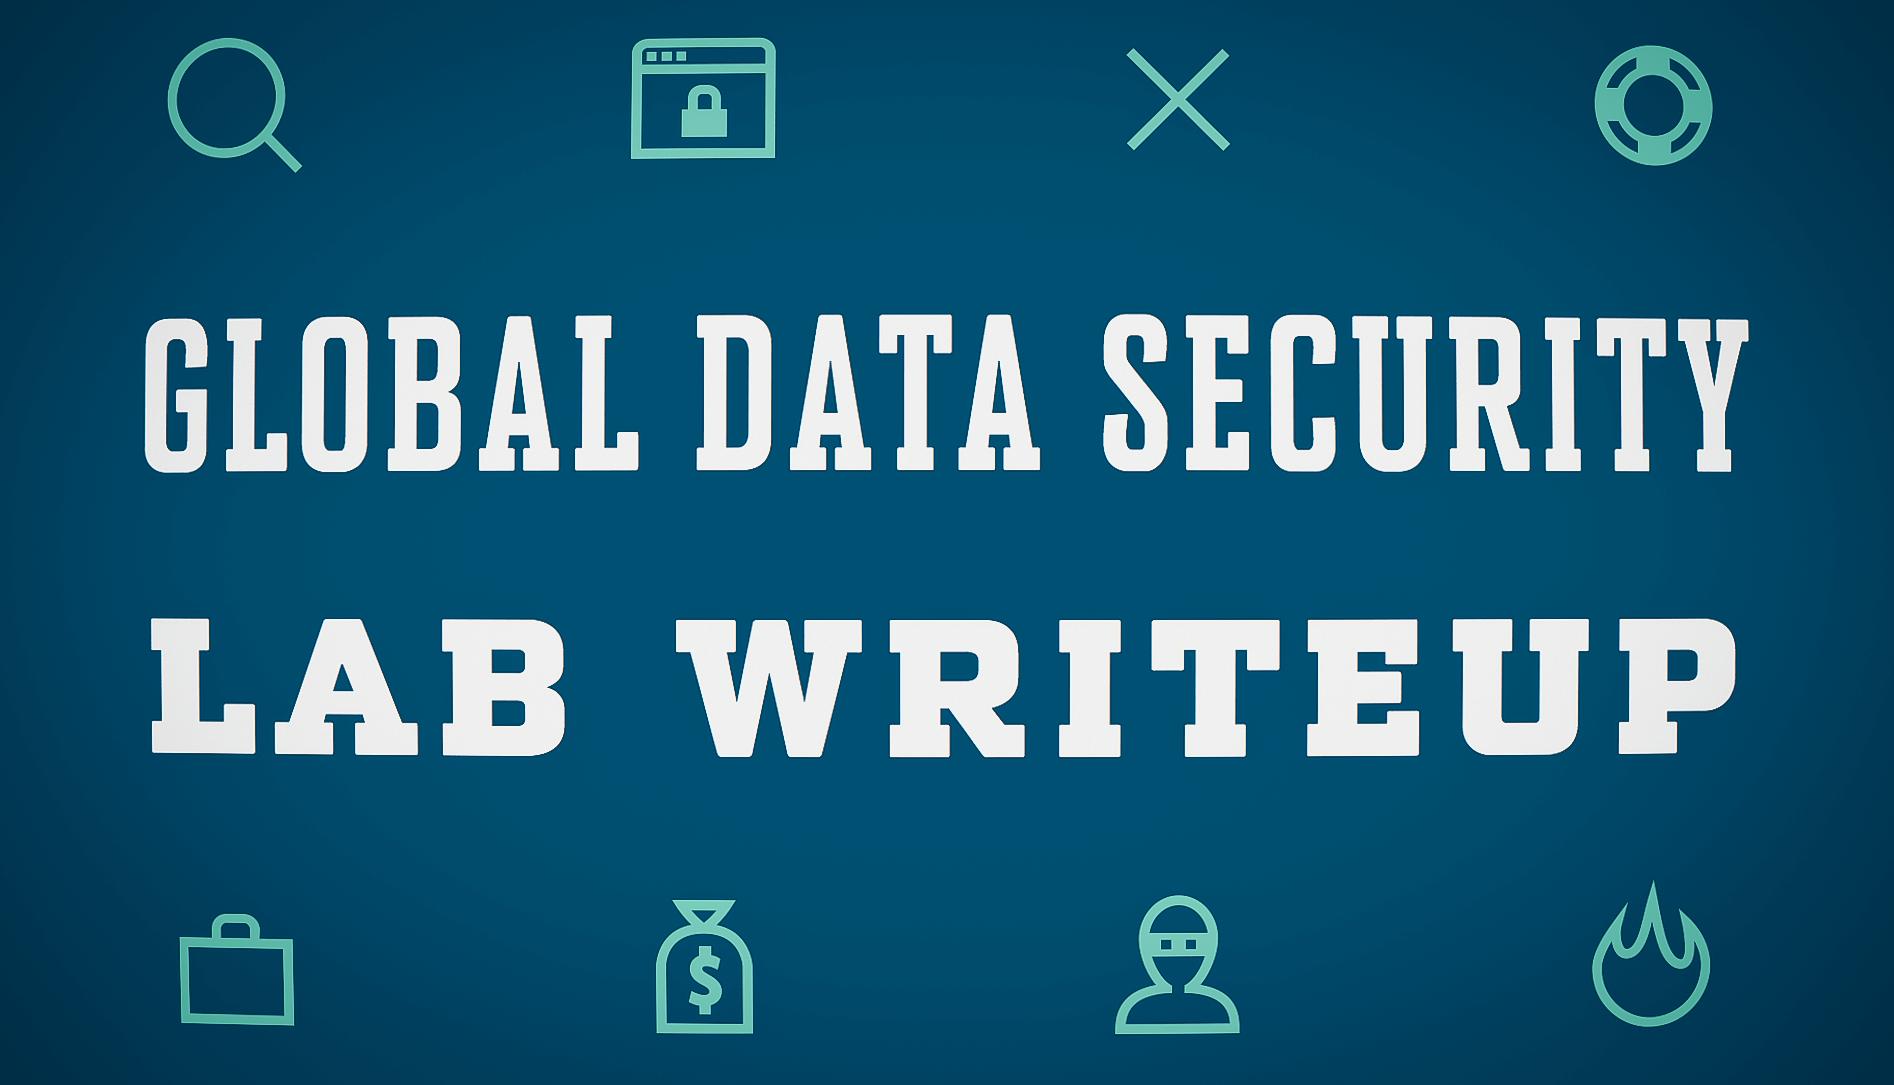 Пентест в Global Data Security — прохождение 10-й лаборатории Pentestit - 1